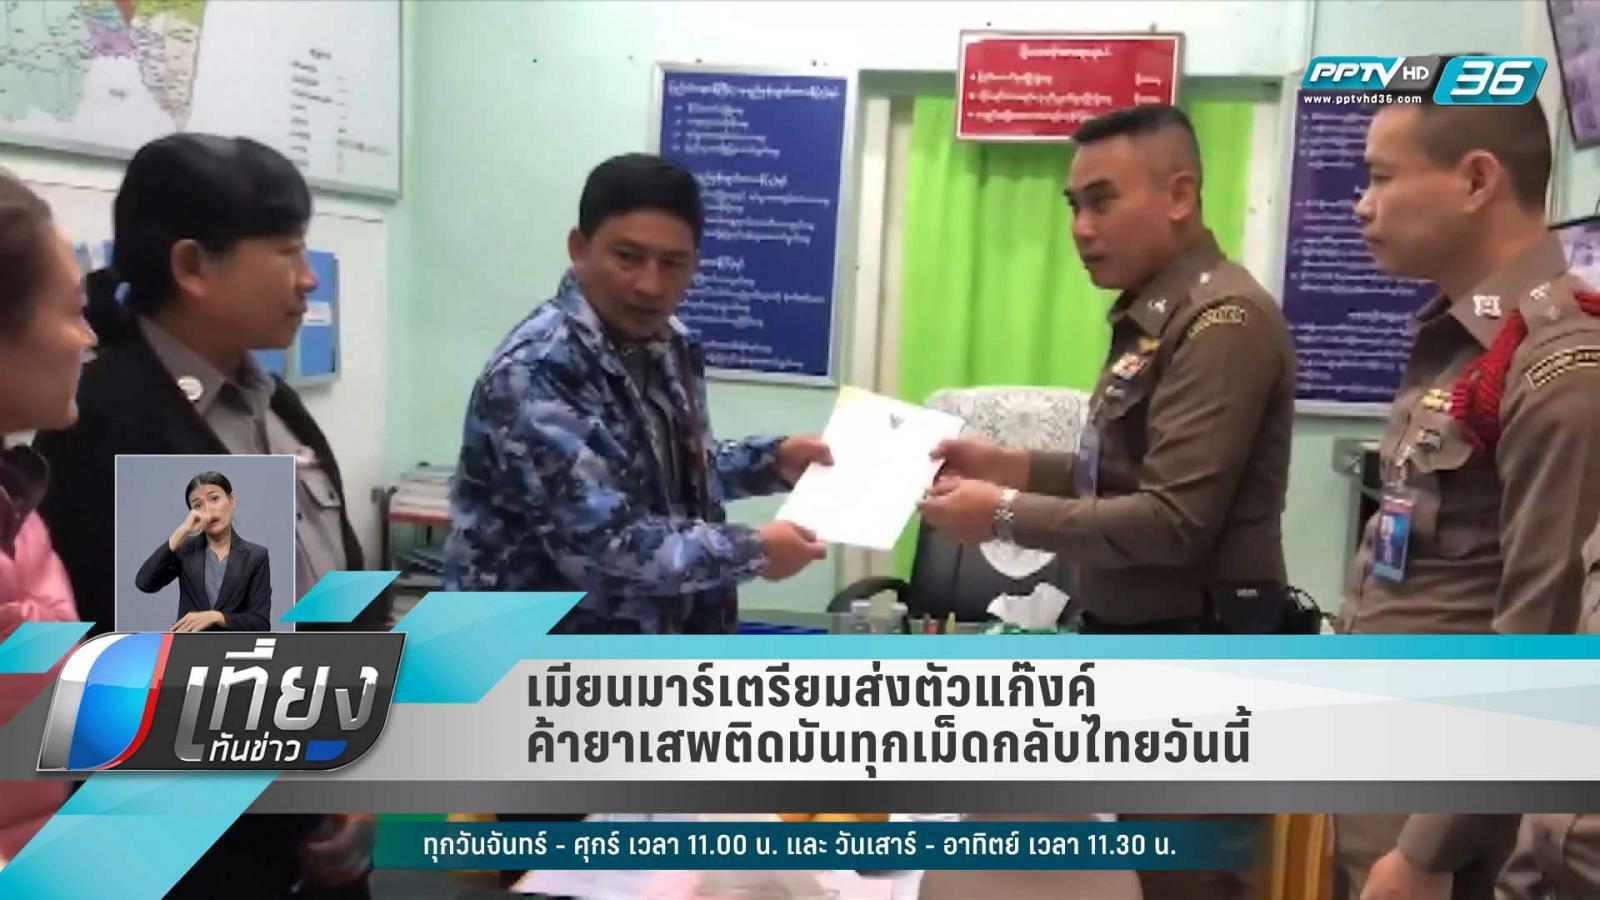 """เมียนมาร์เตรียมส่งตัวแก๊งค้ายาเสพติด """"มันทุกเม็ด"""" กลับไทยวันนี้"""